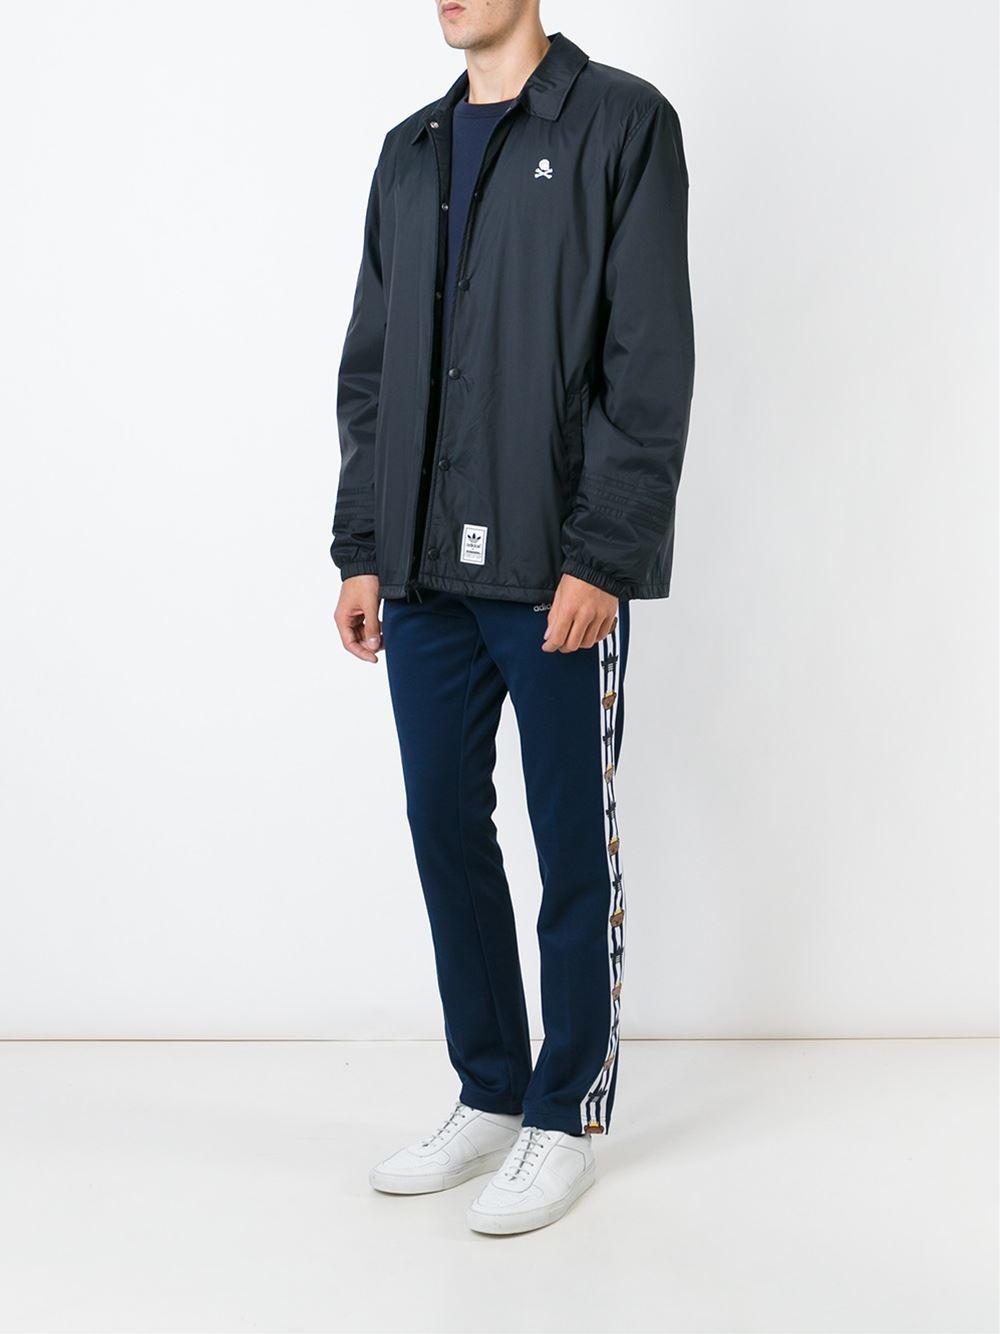 Adidas neighborhood jacket black